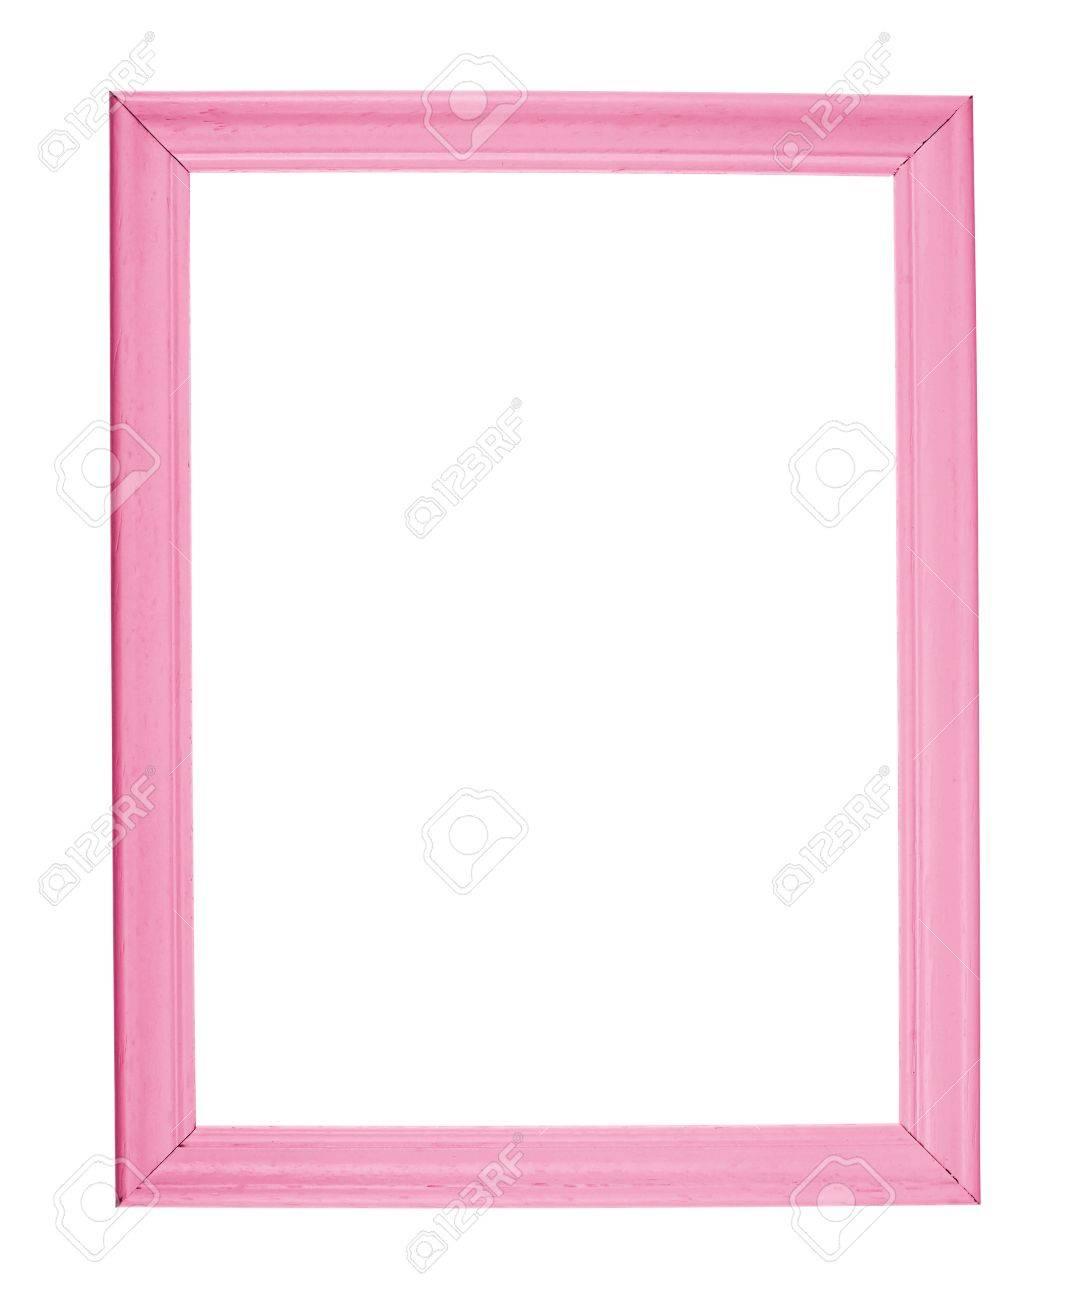 Fotolijst A4 Formaat.A4 Formaat Lege Copyspace Houten Fotolijst Gekleurd Met Roze Verf Geisoleerd Op De Witte Achtergrond